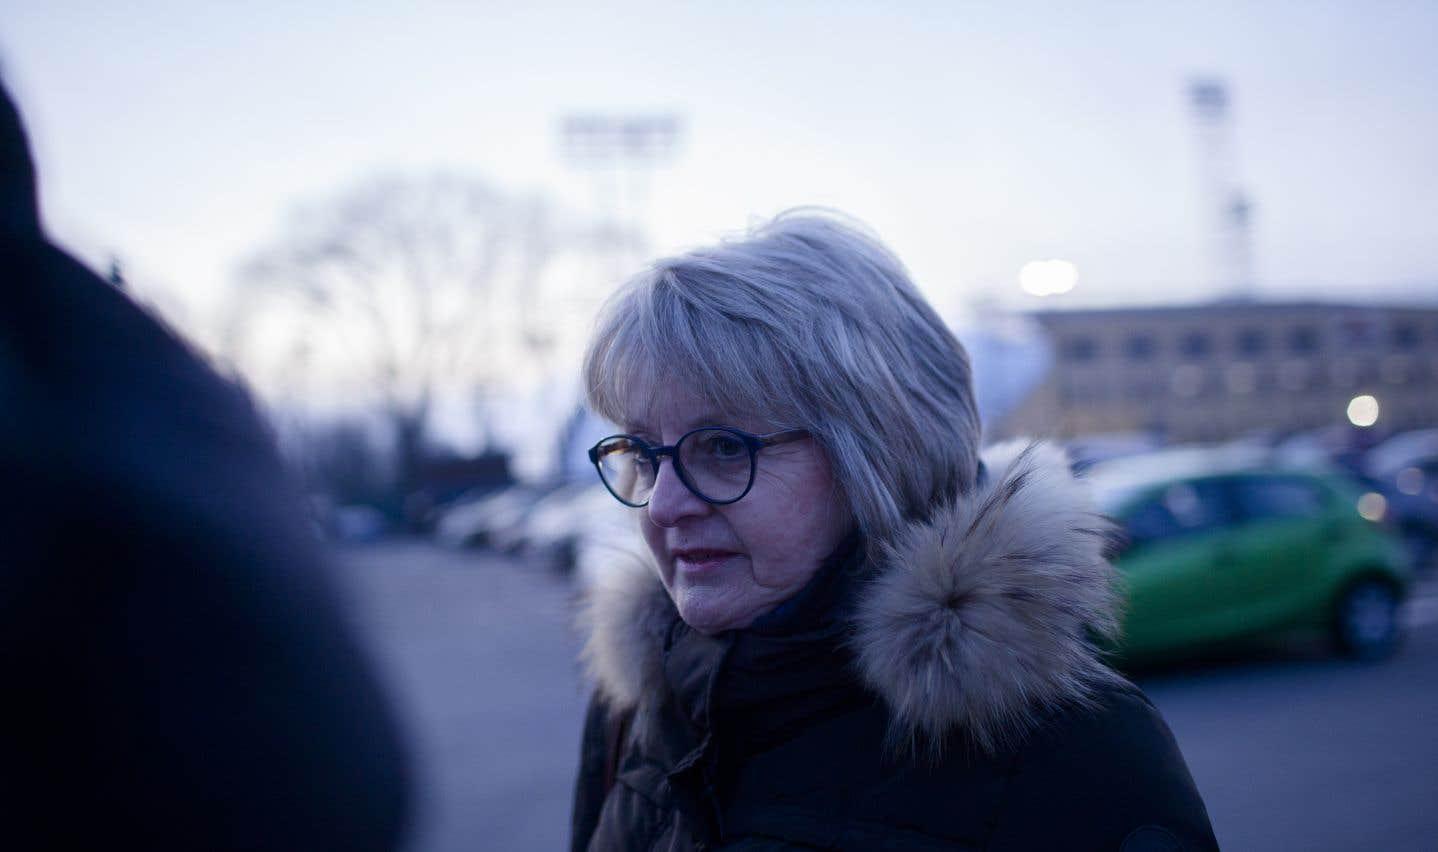 L'ex-employée du «Soleil» Diane Fortin, 65 ans, ravale ses larmes. «Je suis ben émotive quand je te parle de ça, je trouve ça effrayant. C'est de l'argent que tu as mis en banque. L'employeur s'est pris des congés de cotisation à la planche en plus!», dit-elle. L'inquiétude ronge Diane Fortin, qui ne dort pas bien depuis qu'elle sait qu'elle risque de perdre le tiers de ses rentes. «Je ne me vois pas dire à mes enfants: vous n'aurez pas de cadeaux à Noël. On ne va déjà pas au restaurant», dit-elle.